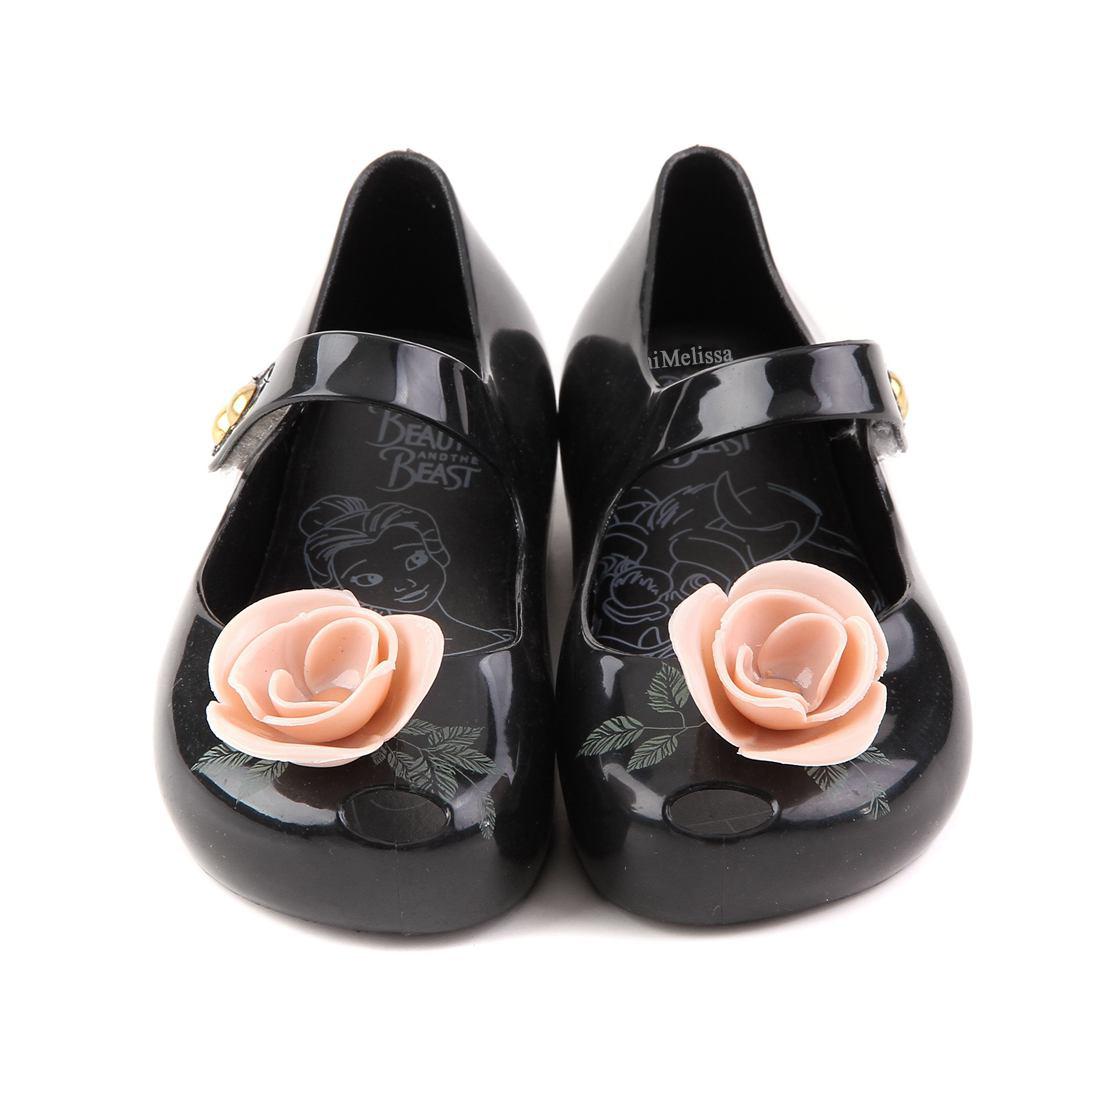 Melissa Kids Sandalen Mini Rose Mit Grünen Blättern Gedruckt Mädchen Schuh New Beauty Beast Gelee Prinzessin Regen Schuhe Weichem Kunststoff Q190601